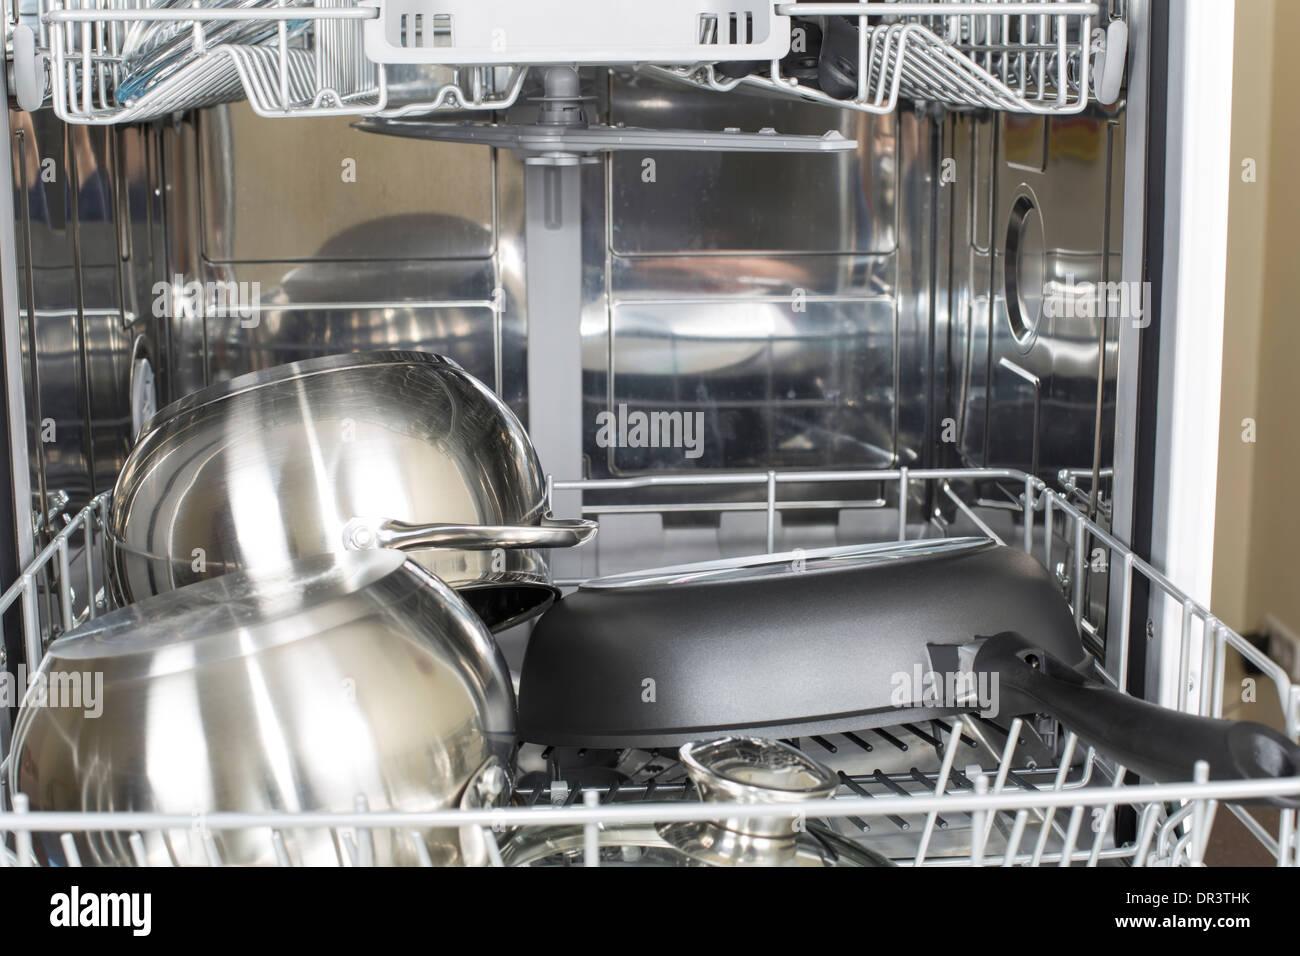 Cuisine dans le lave-vaisselle après lavage et séchage Photo Stock